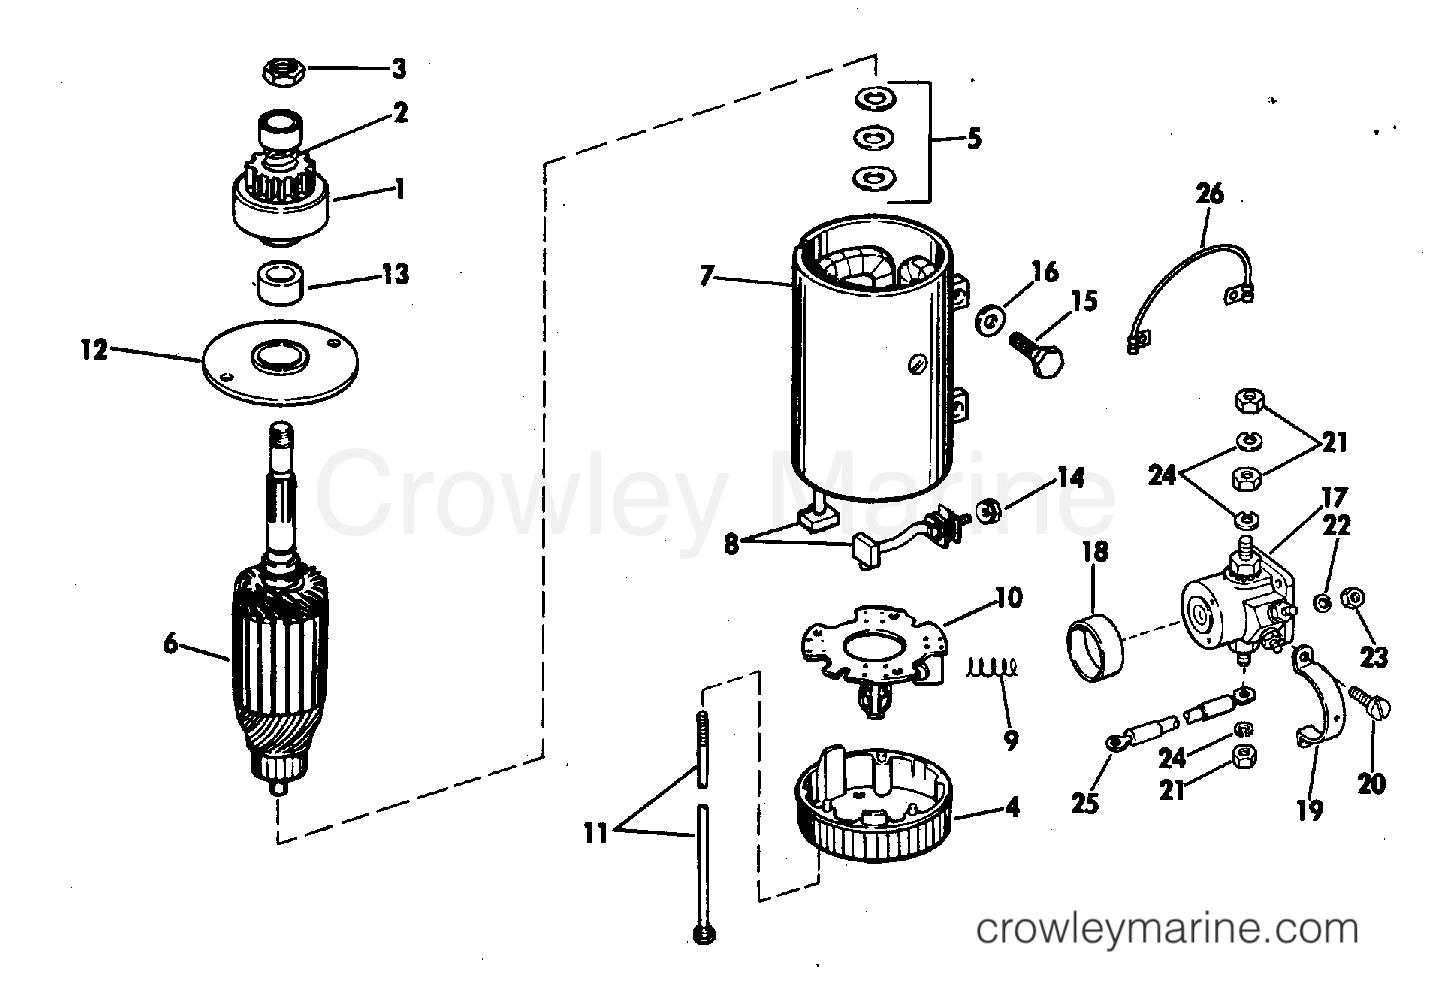 ELECTRIC STARTER & SOLENOID PRESTOLITE MODELS MGD-4110